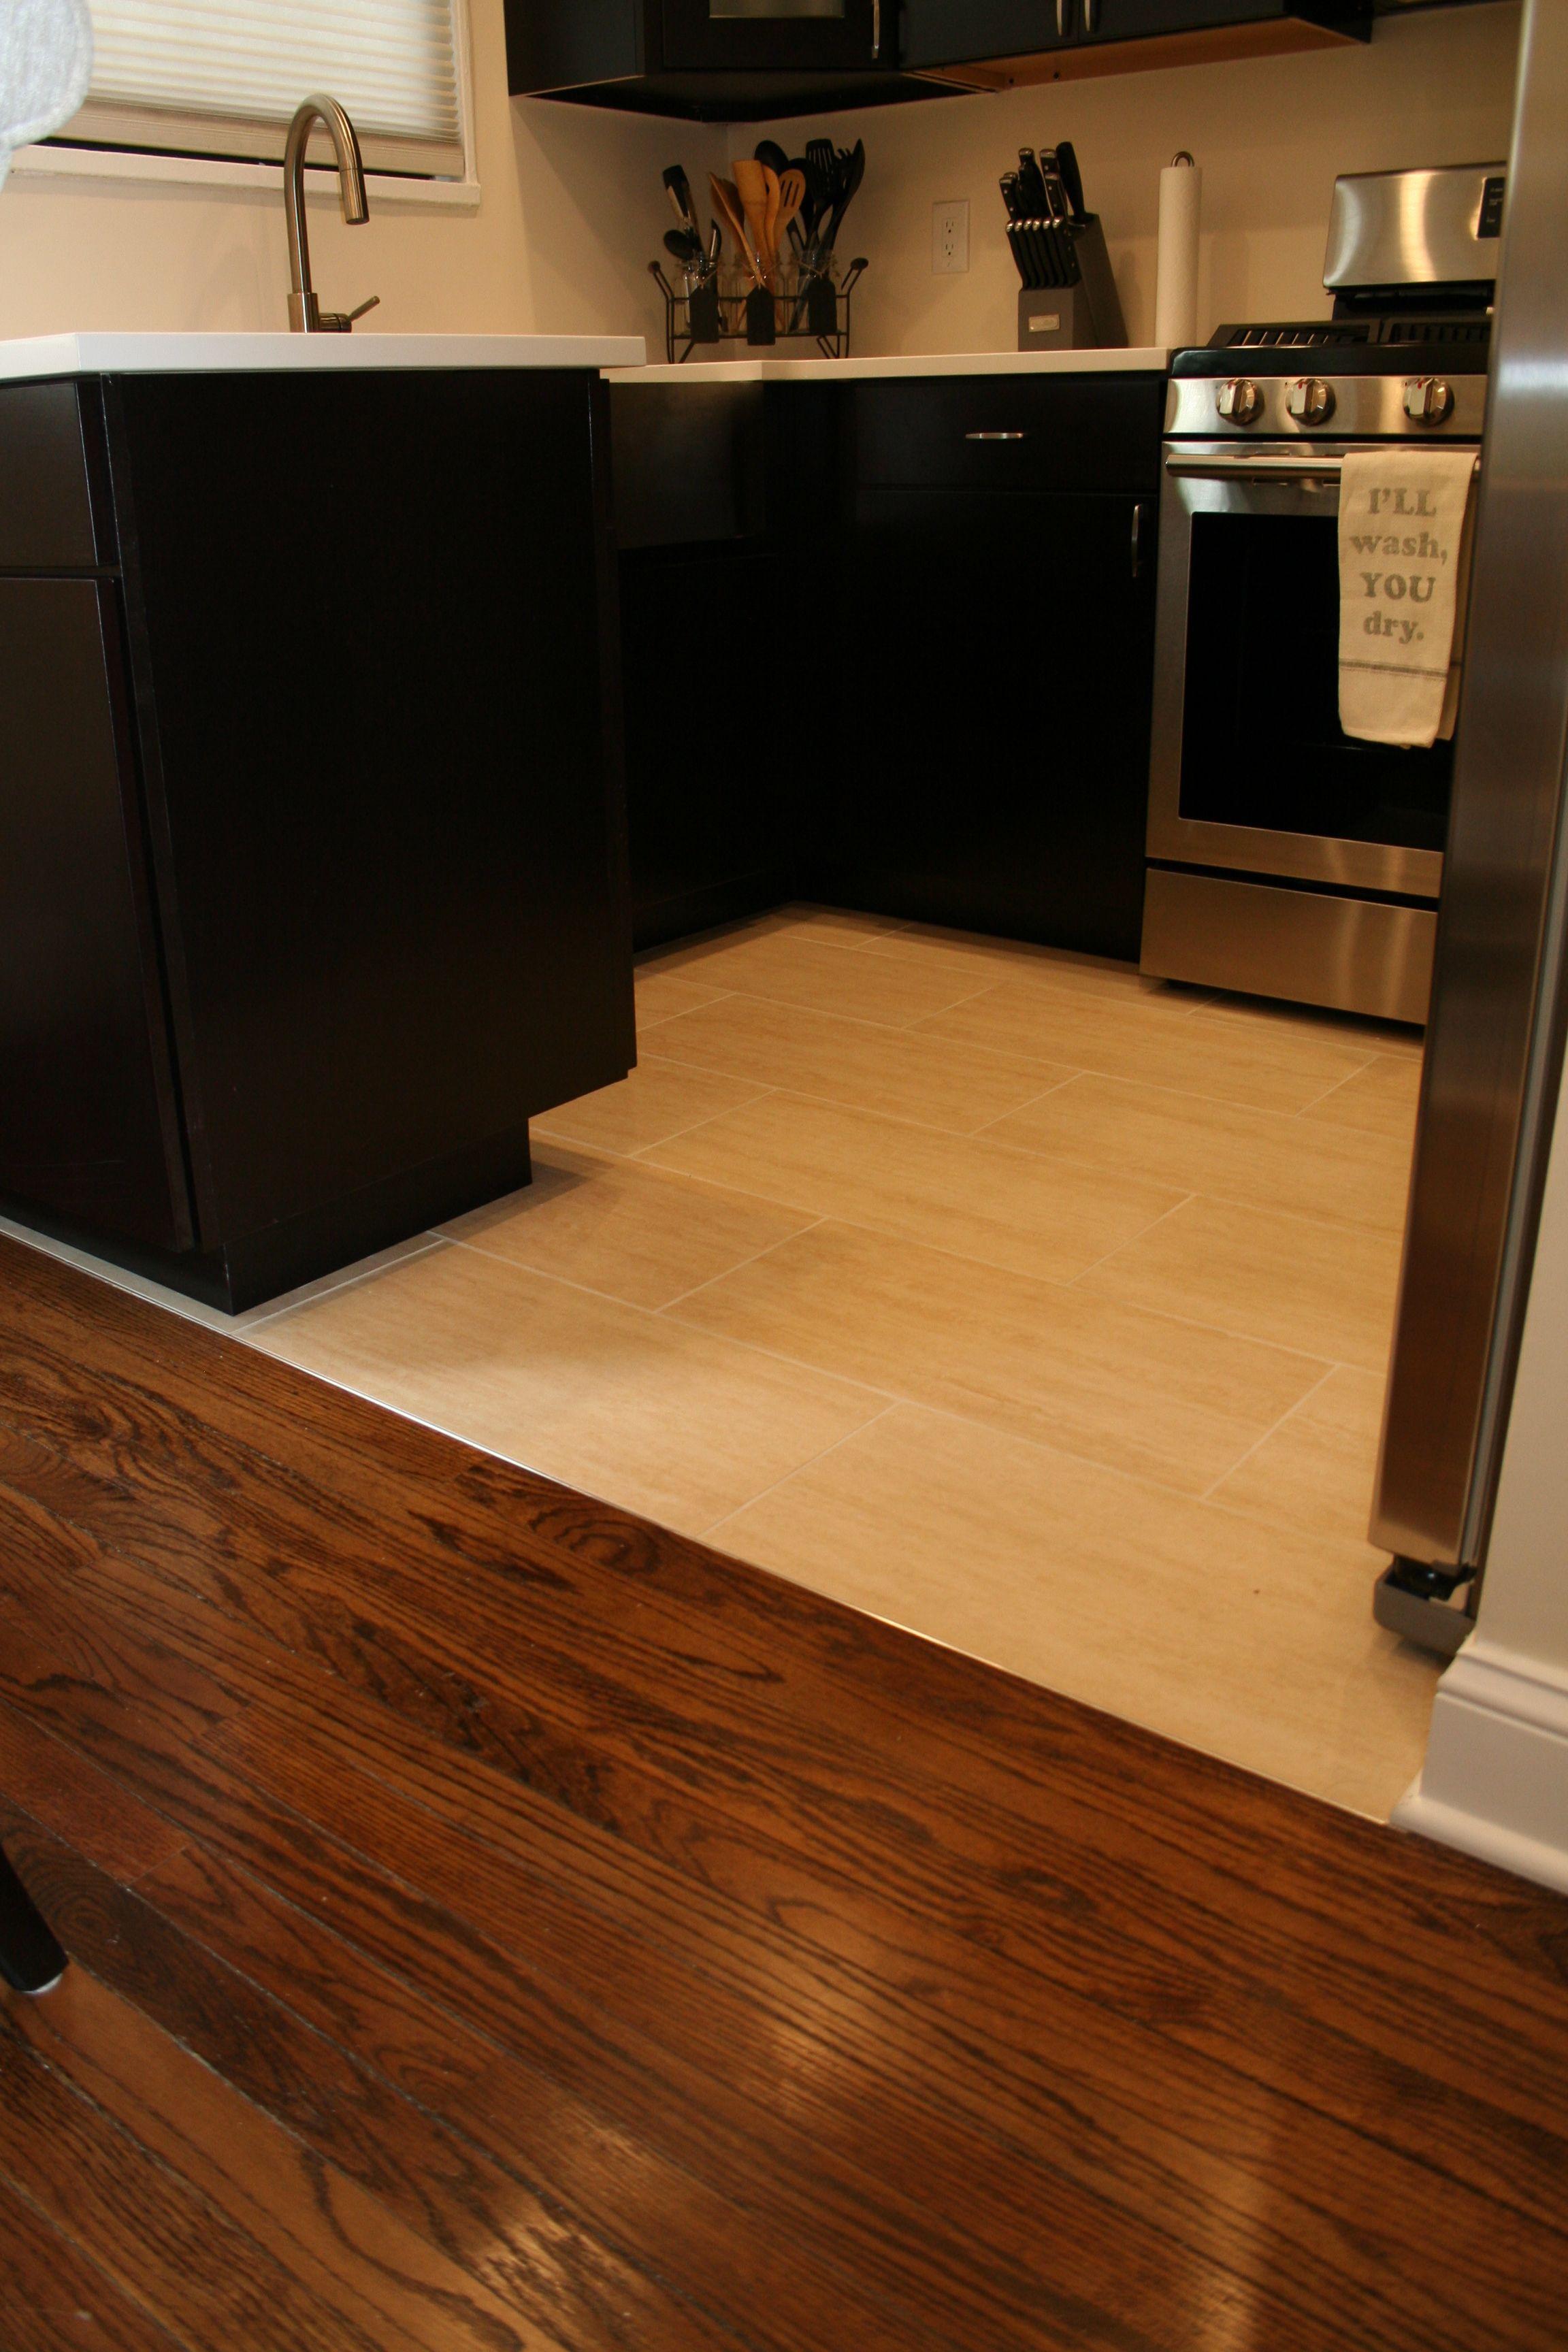 dark hardwood floors vs light hardwood floors of pin by kabinet king on our work pinterest flooring tiles and intended for transition from tile to wood floors light to dark flooring http